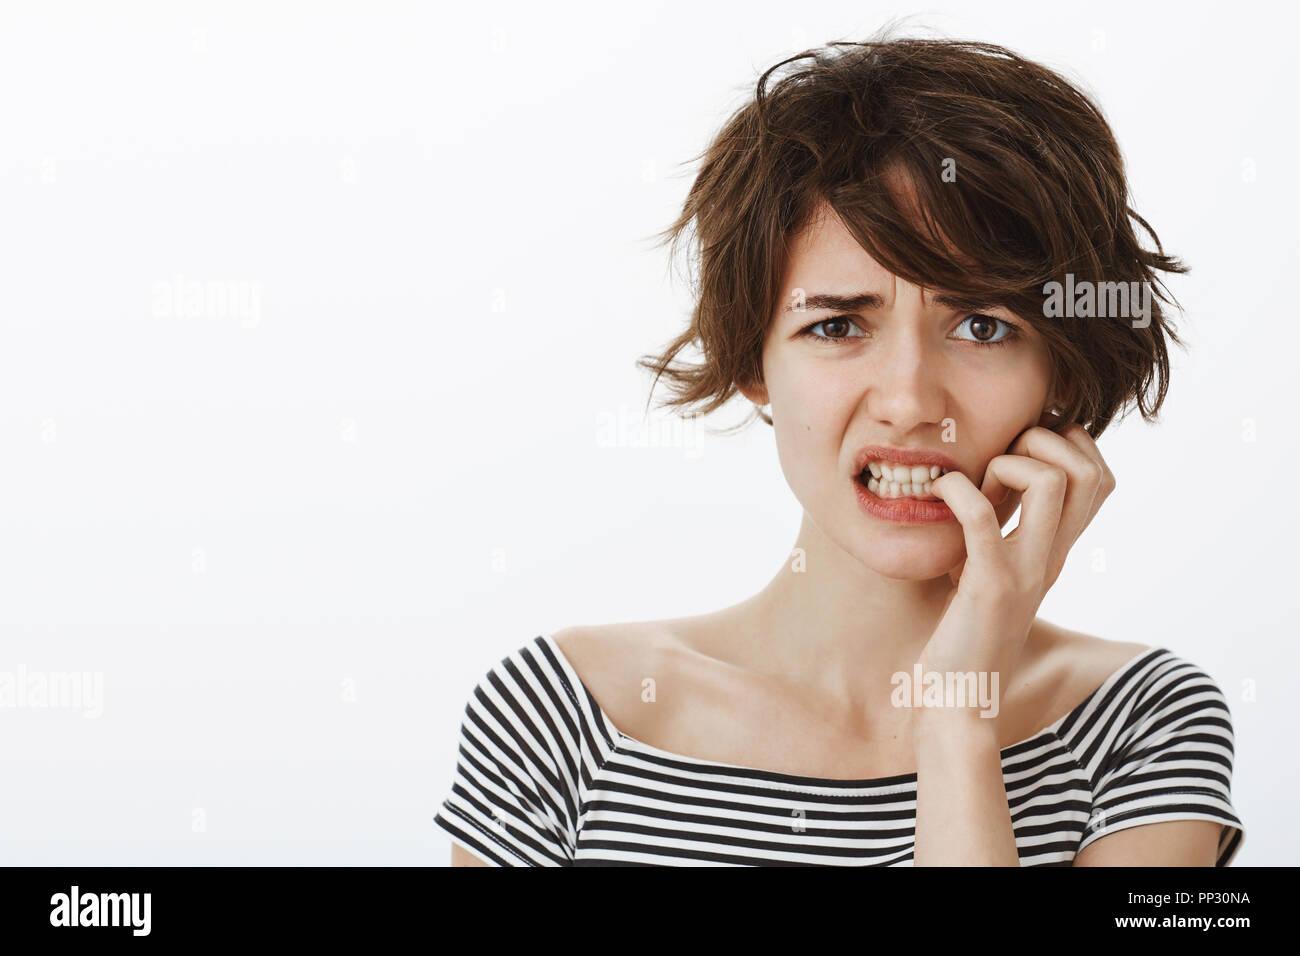 Chica suggesring de ansiedad y una reacción exagerada. Retrato de preocupados intensa novia con corta el pelo desordenado, fruncir el ceño y mordiendo las uñas mientras se sentía nervioso, ser molestado por pensamientos Imagen De Stock